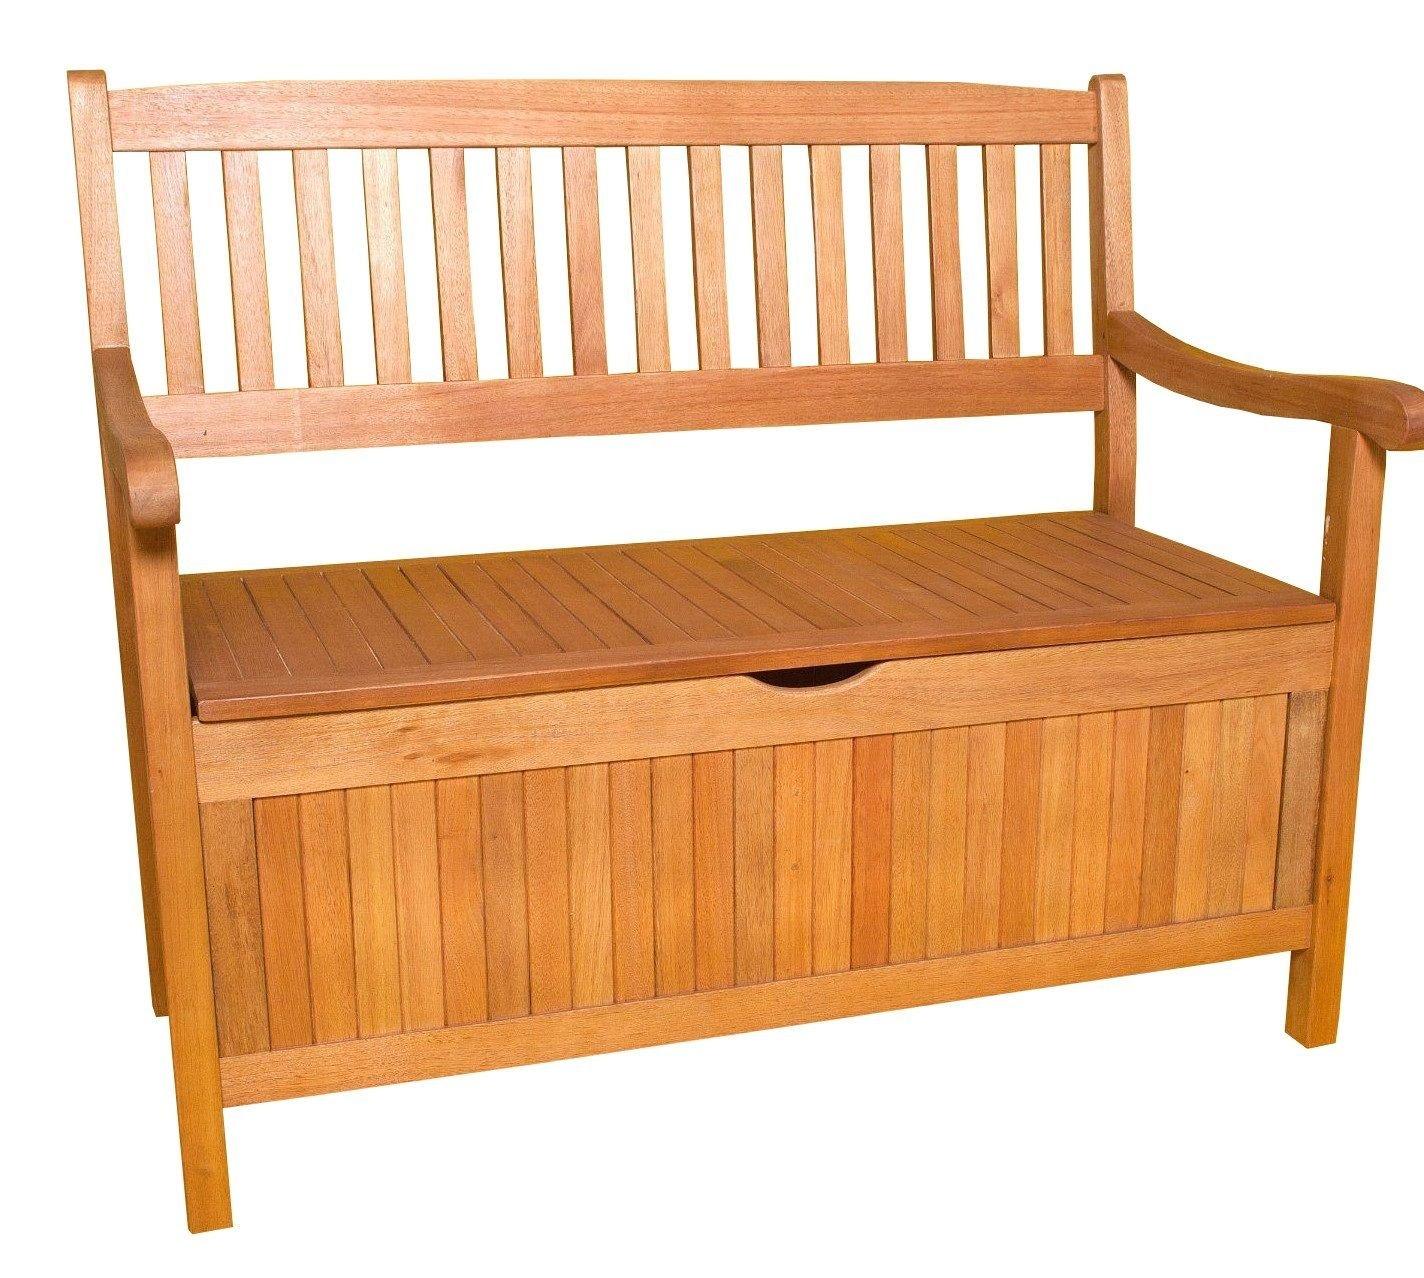 Greena Gartenbank 3-Sitzer aus Akazie jetzt kaufen